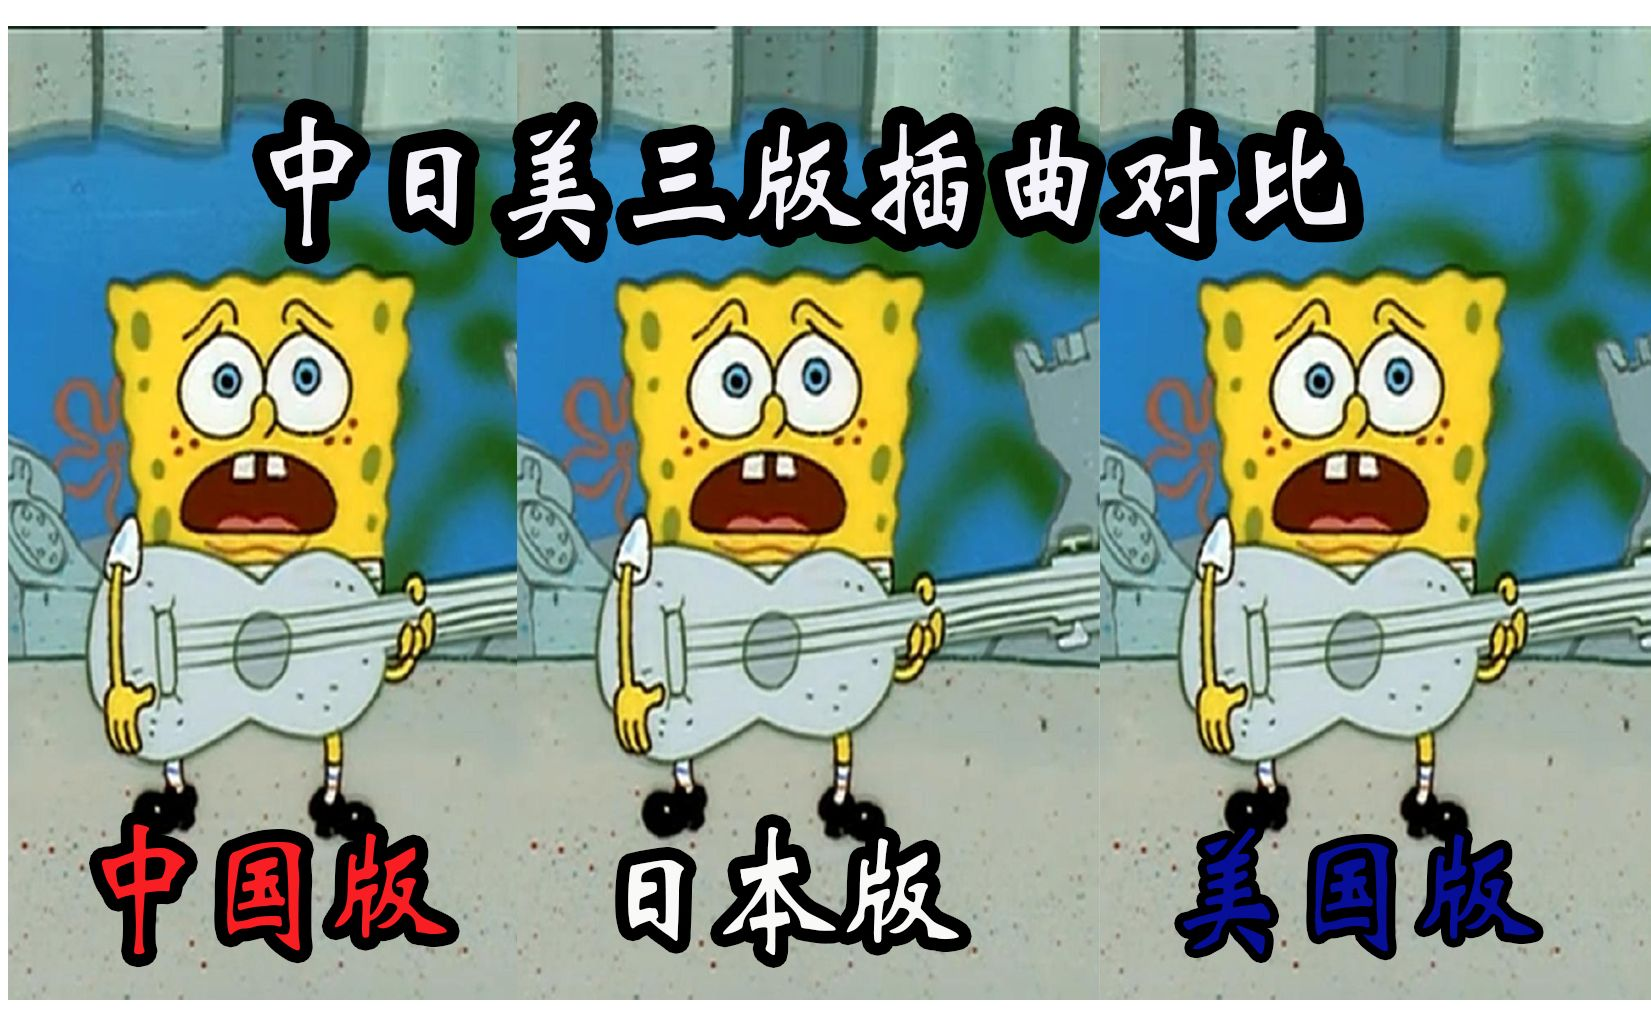 唱英文歌_海绵宝宝唱过最好听的一首歌:日本 中国 美国版对比_哔哩哔哩 ...